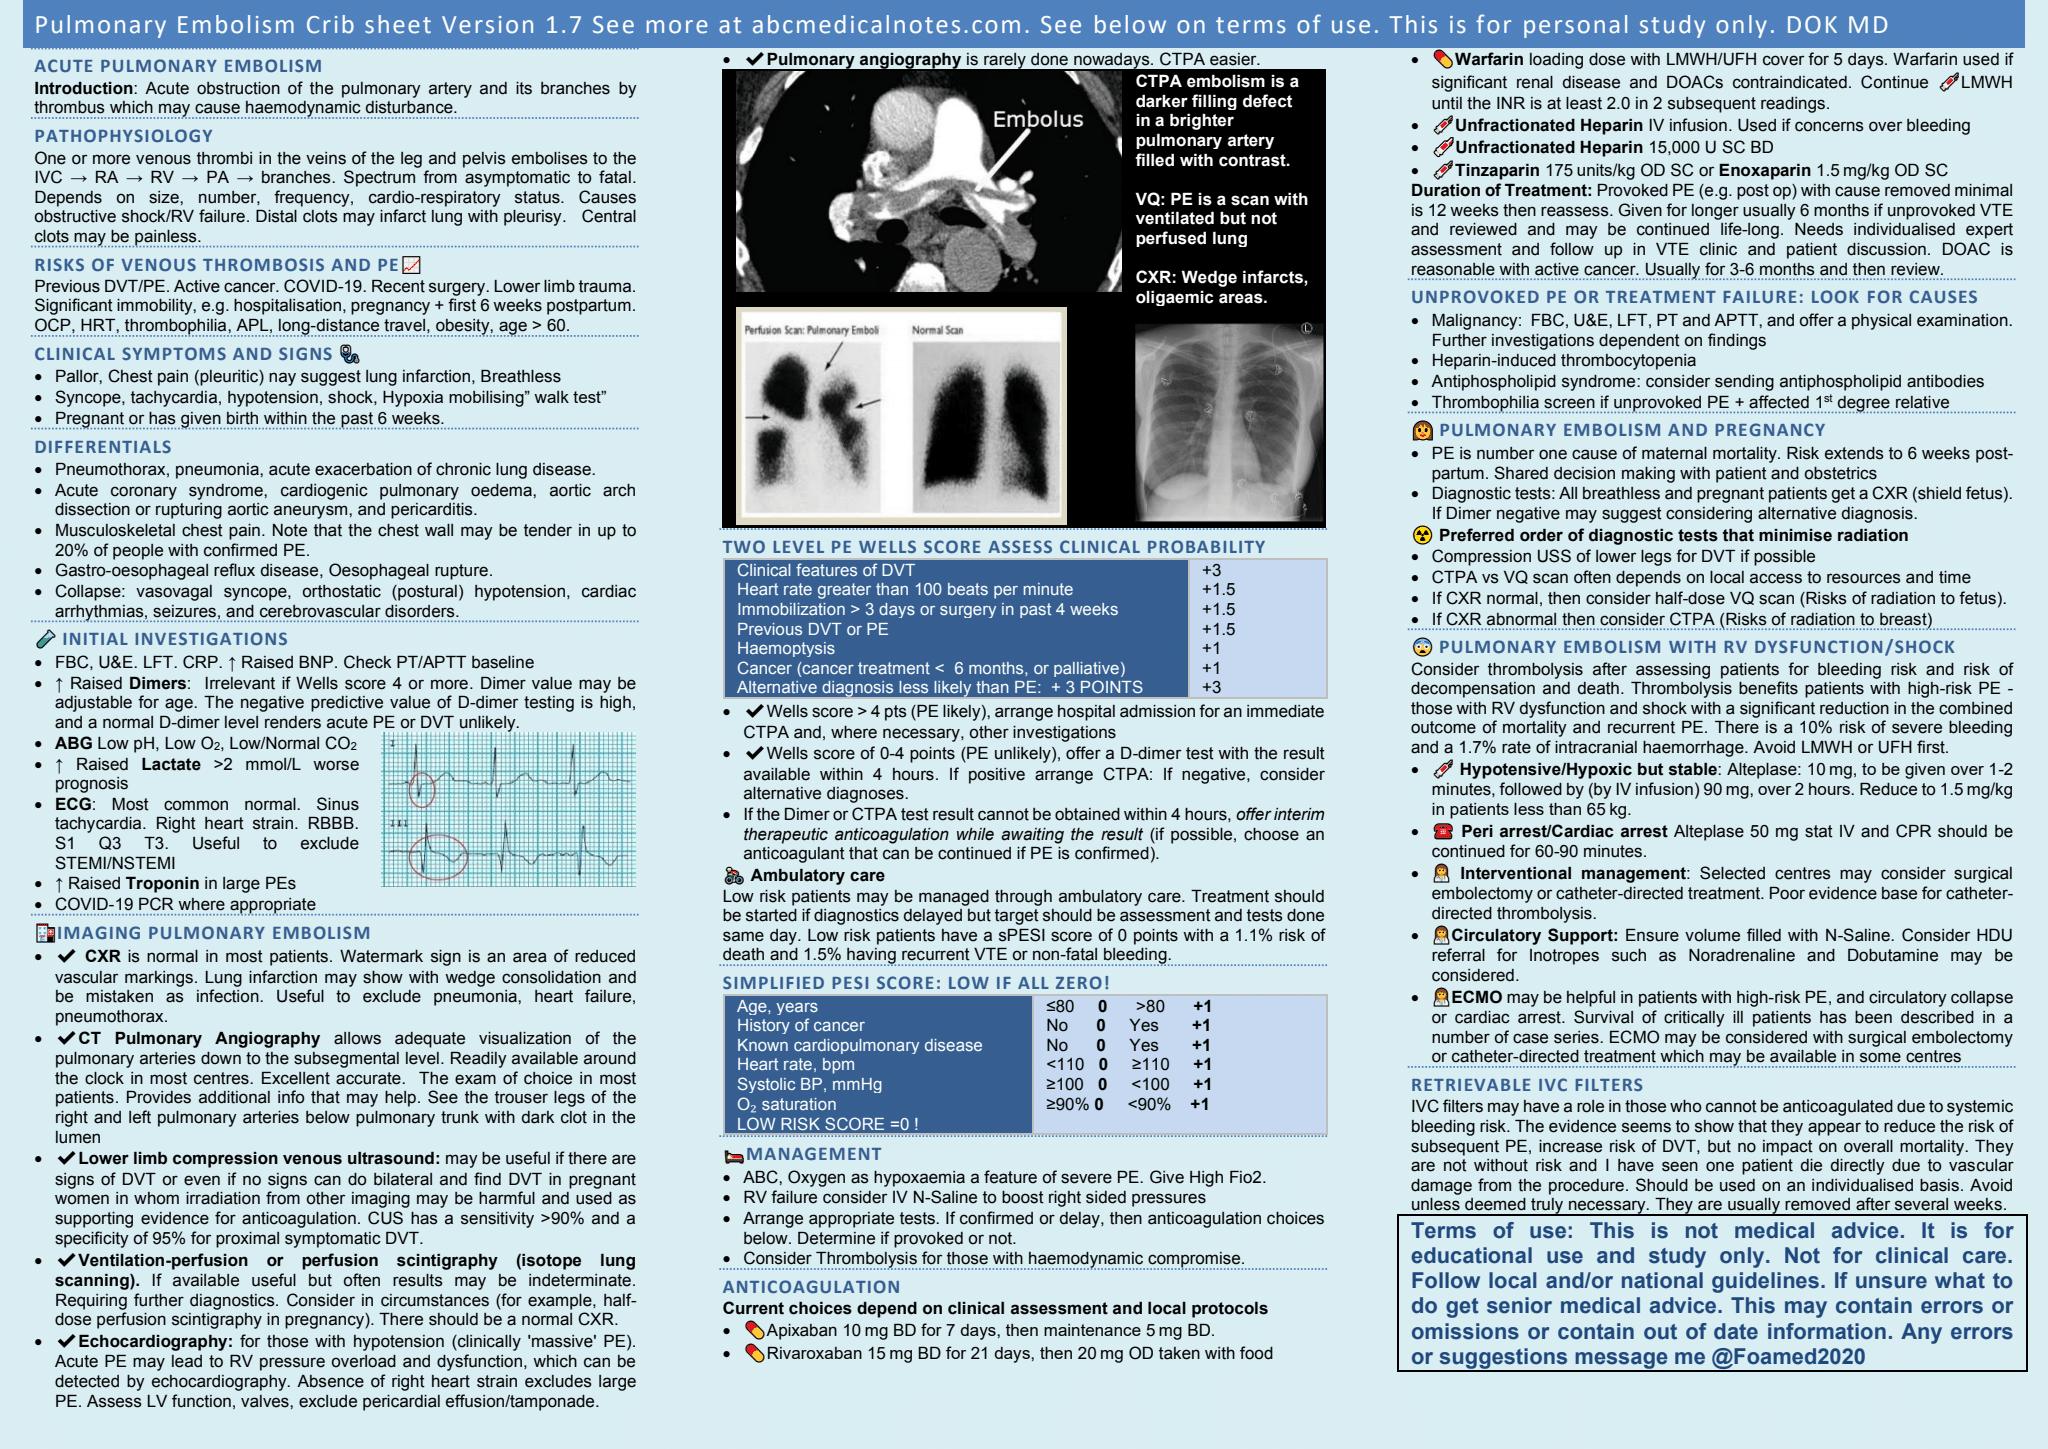 Pulmonary embolism crib sheet